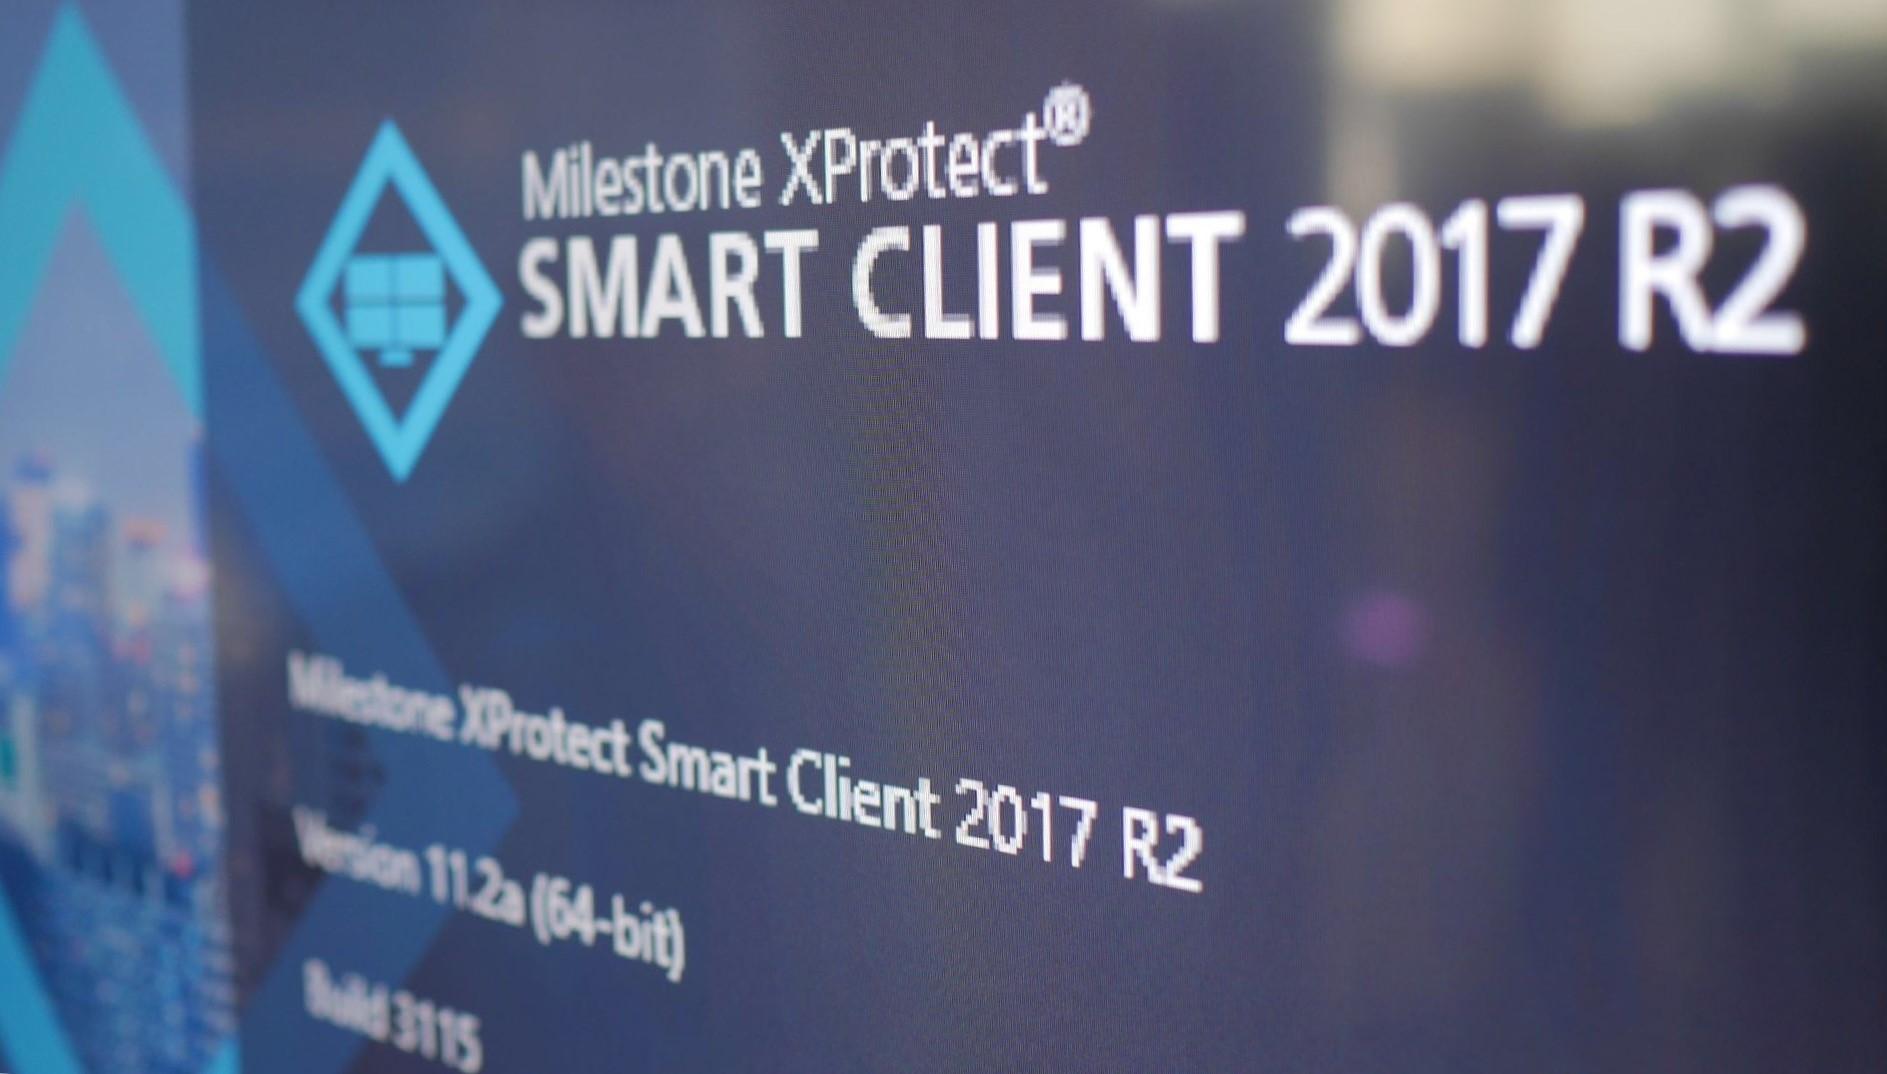 XProtect 2017 R2